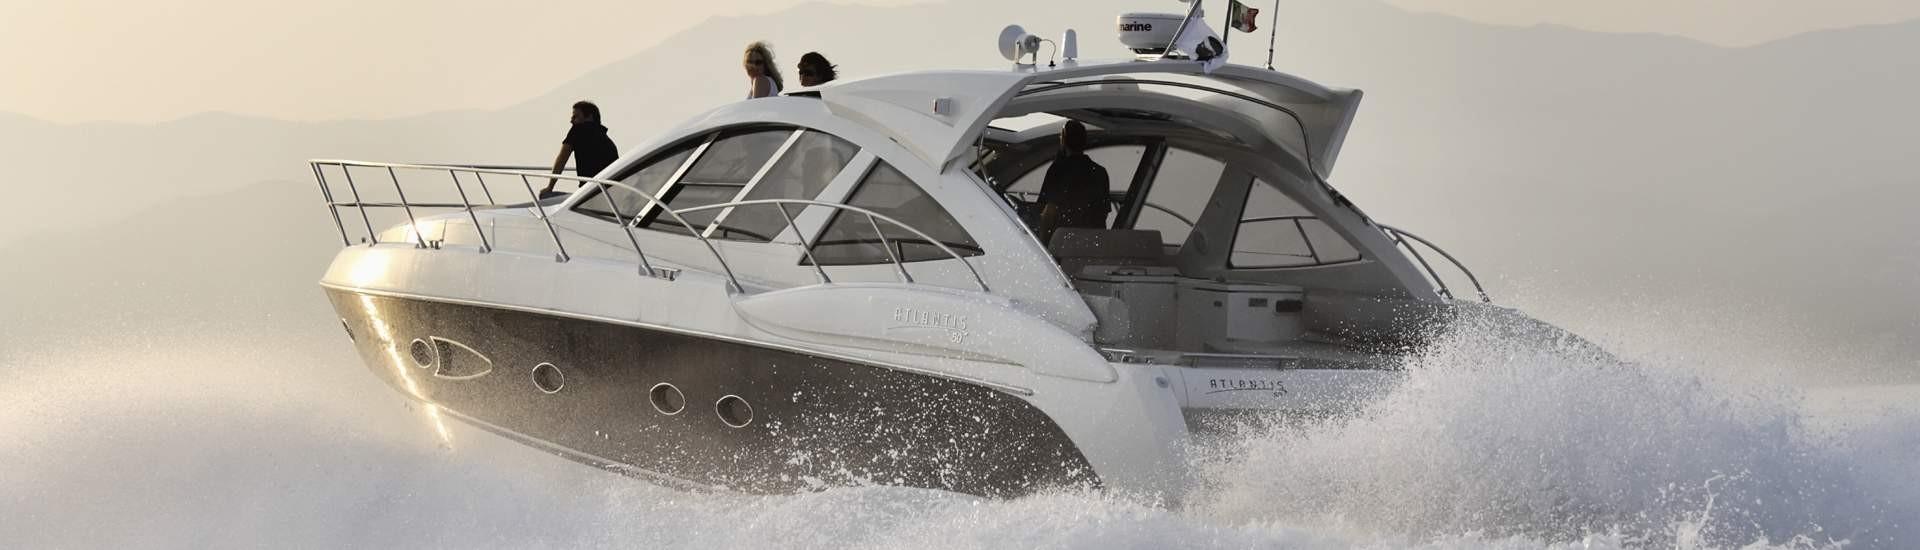 Turchia Barche a motore